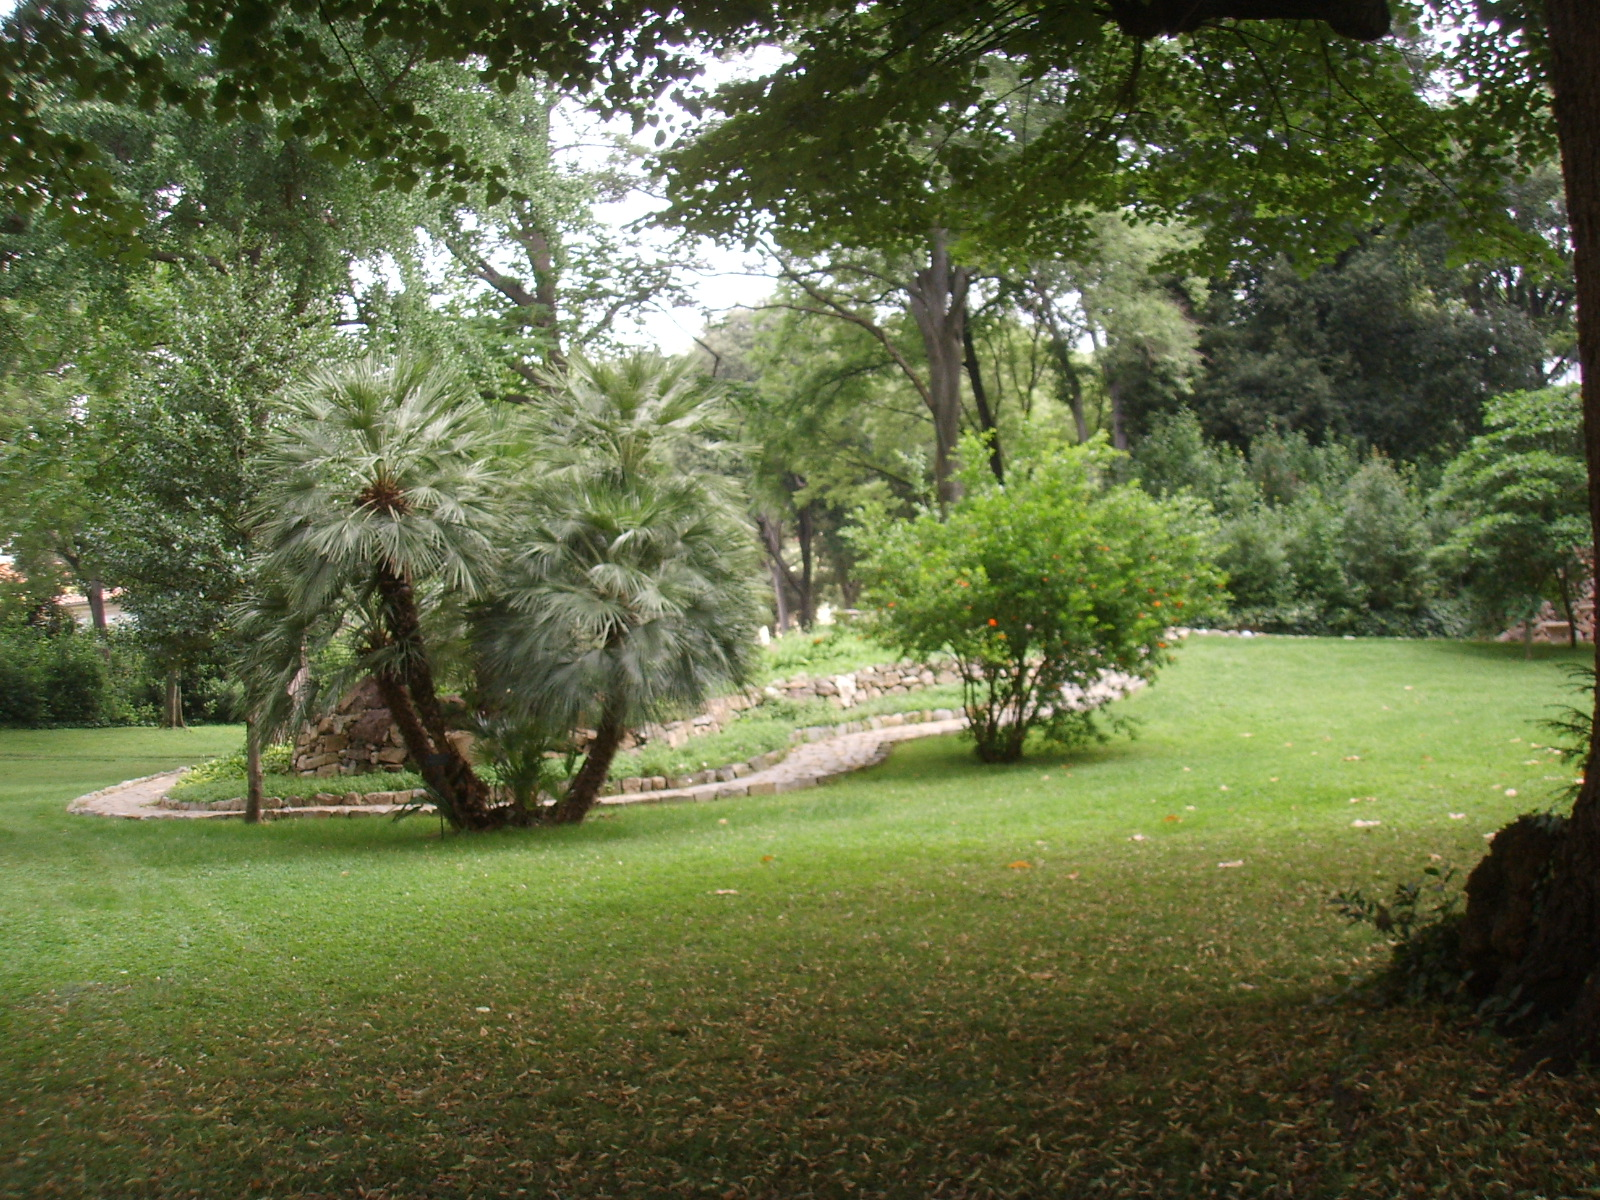 file palazzo della gherardesca giardino 03 jpg wikipedia